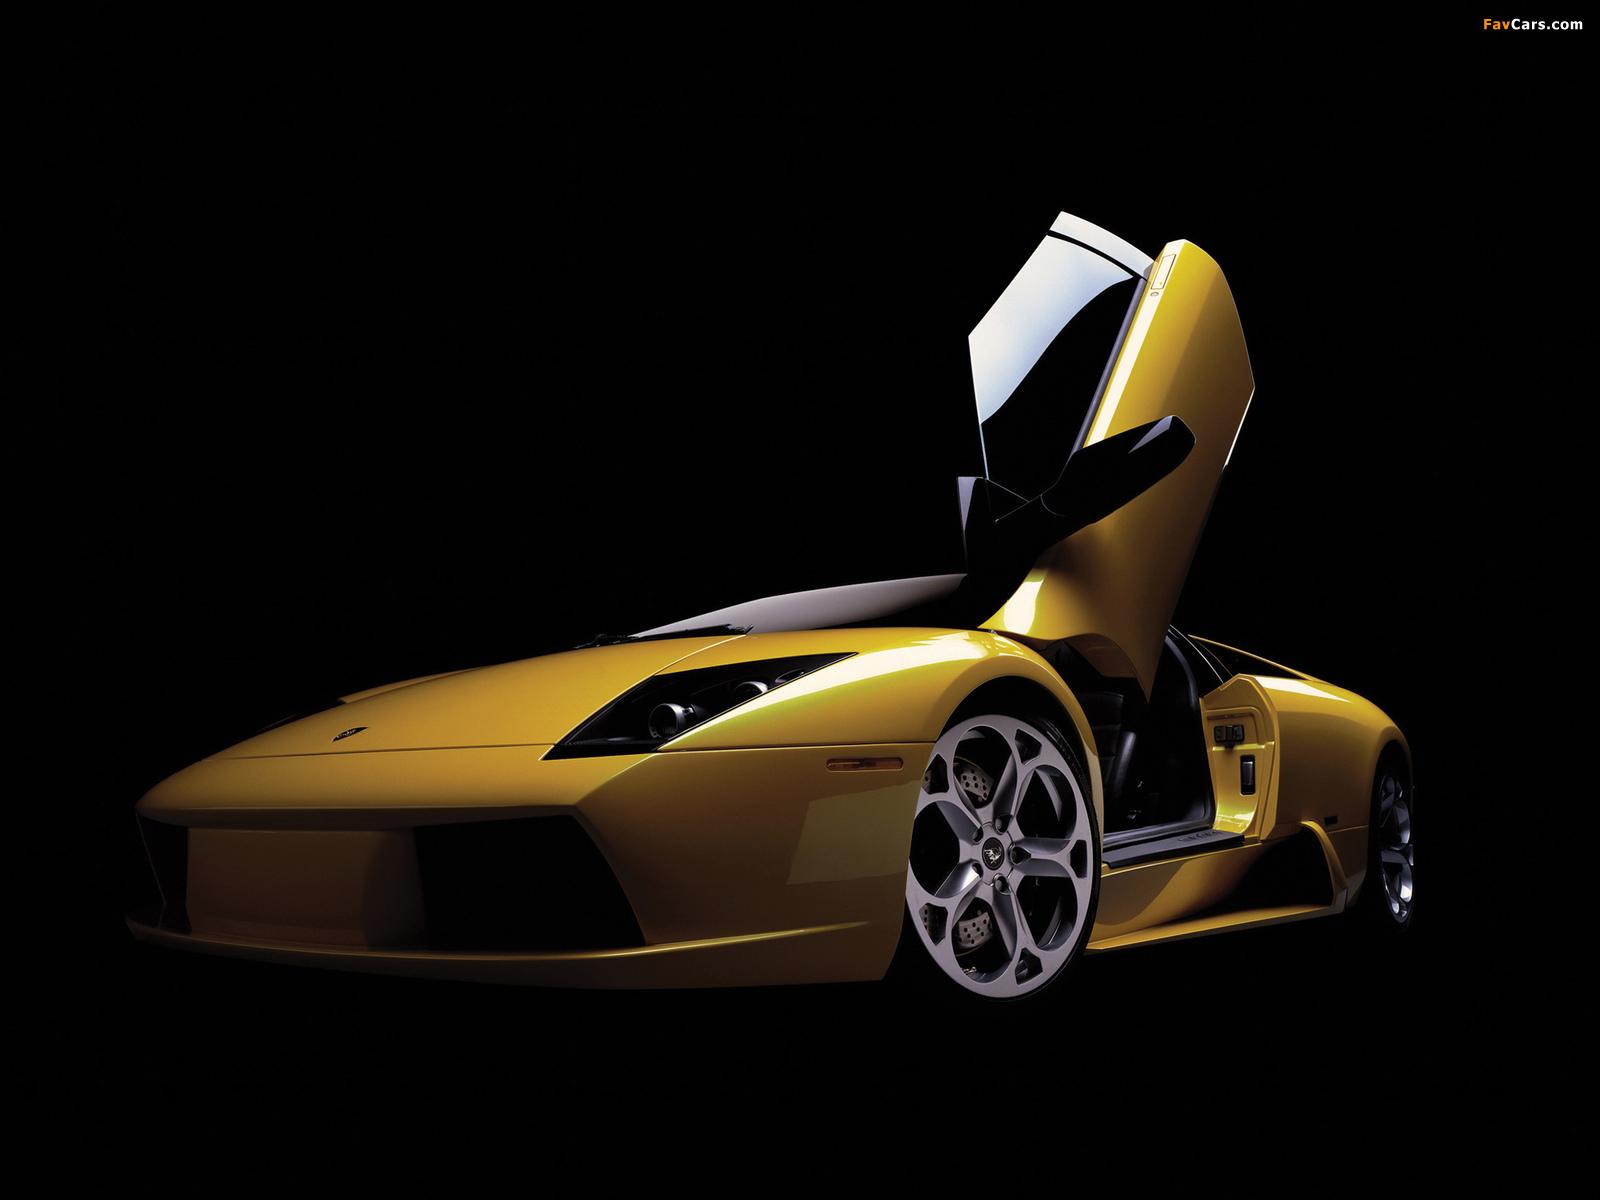 Lamborghini Murcielago Barchetta Concept 2002 images (1600 x 1200)